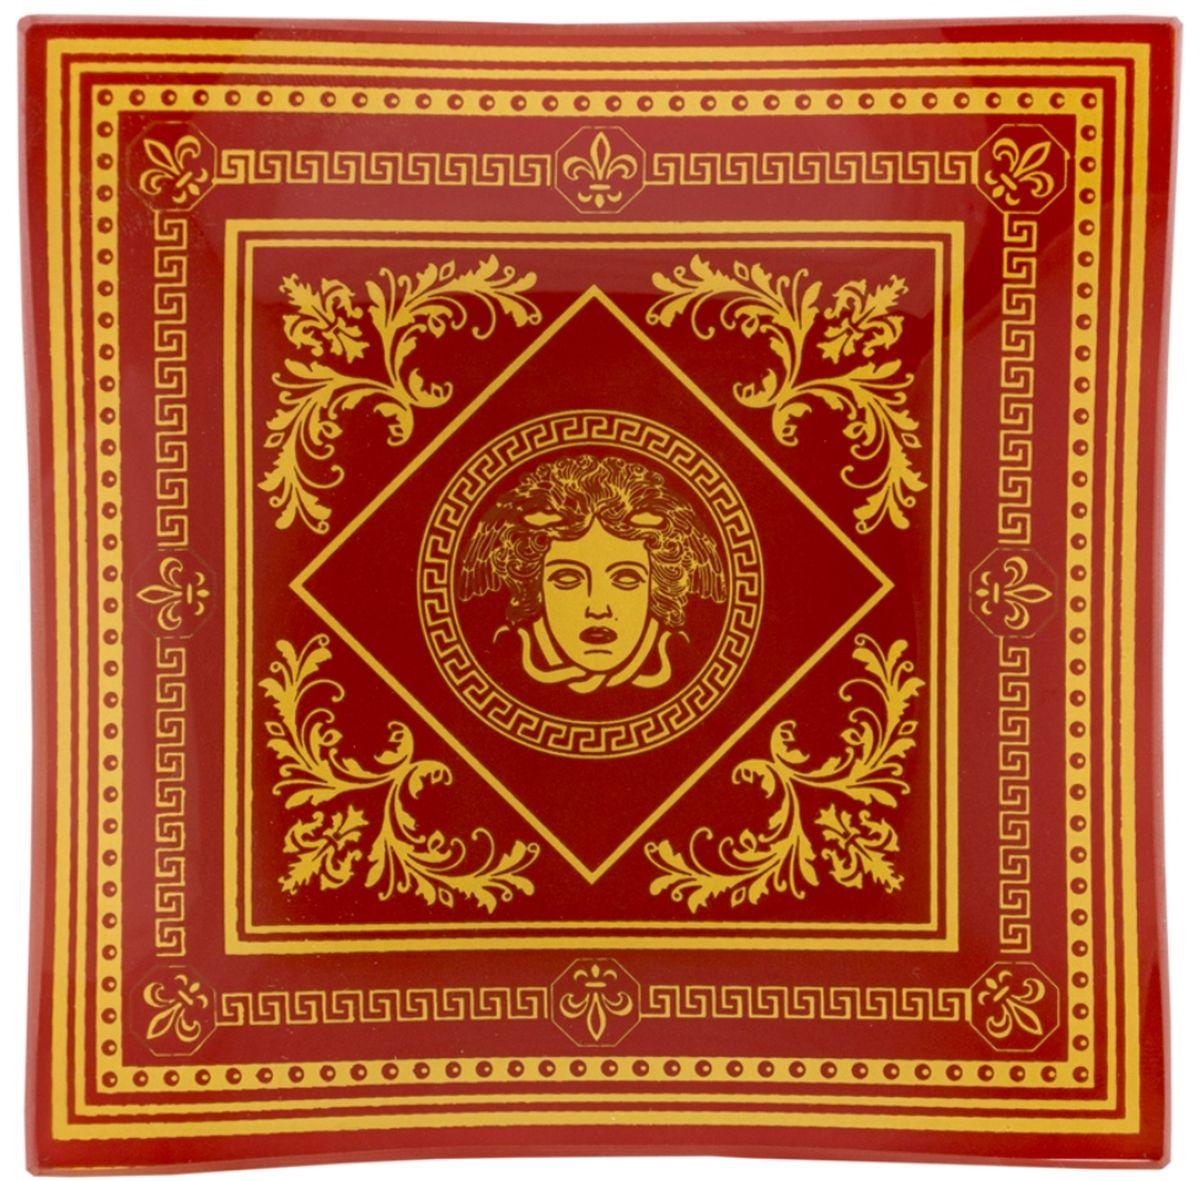 Пепельница GiftnHome Версаль, цвет: красный, 12 смAT-12 Versailles(r)Данный аксессуар, может служить, как блюдцем для десертов и закусок, так и в качестве стильной пепельницы. Изделие изготовлено из термостойкого закаленного стекла. Изделие имеет позолоту в декоре, что исключает использование в микроволновой печи.